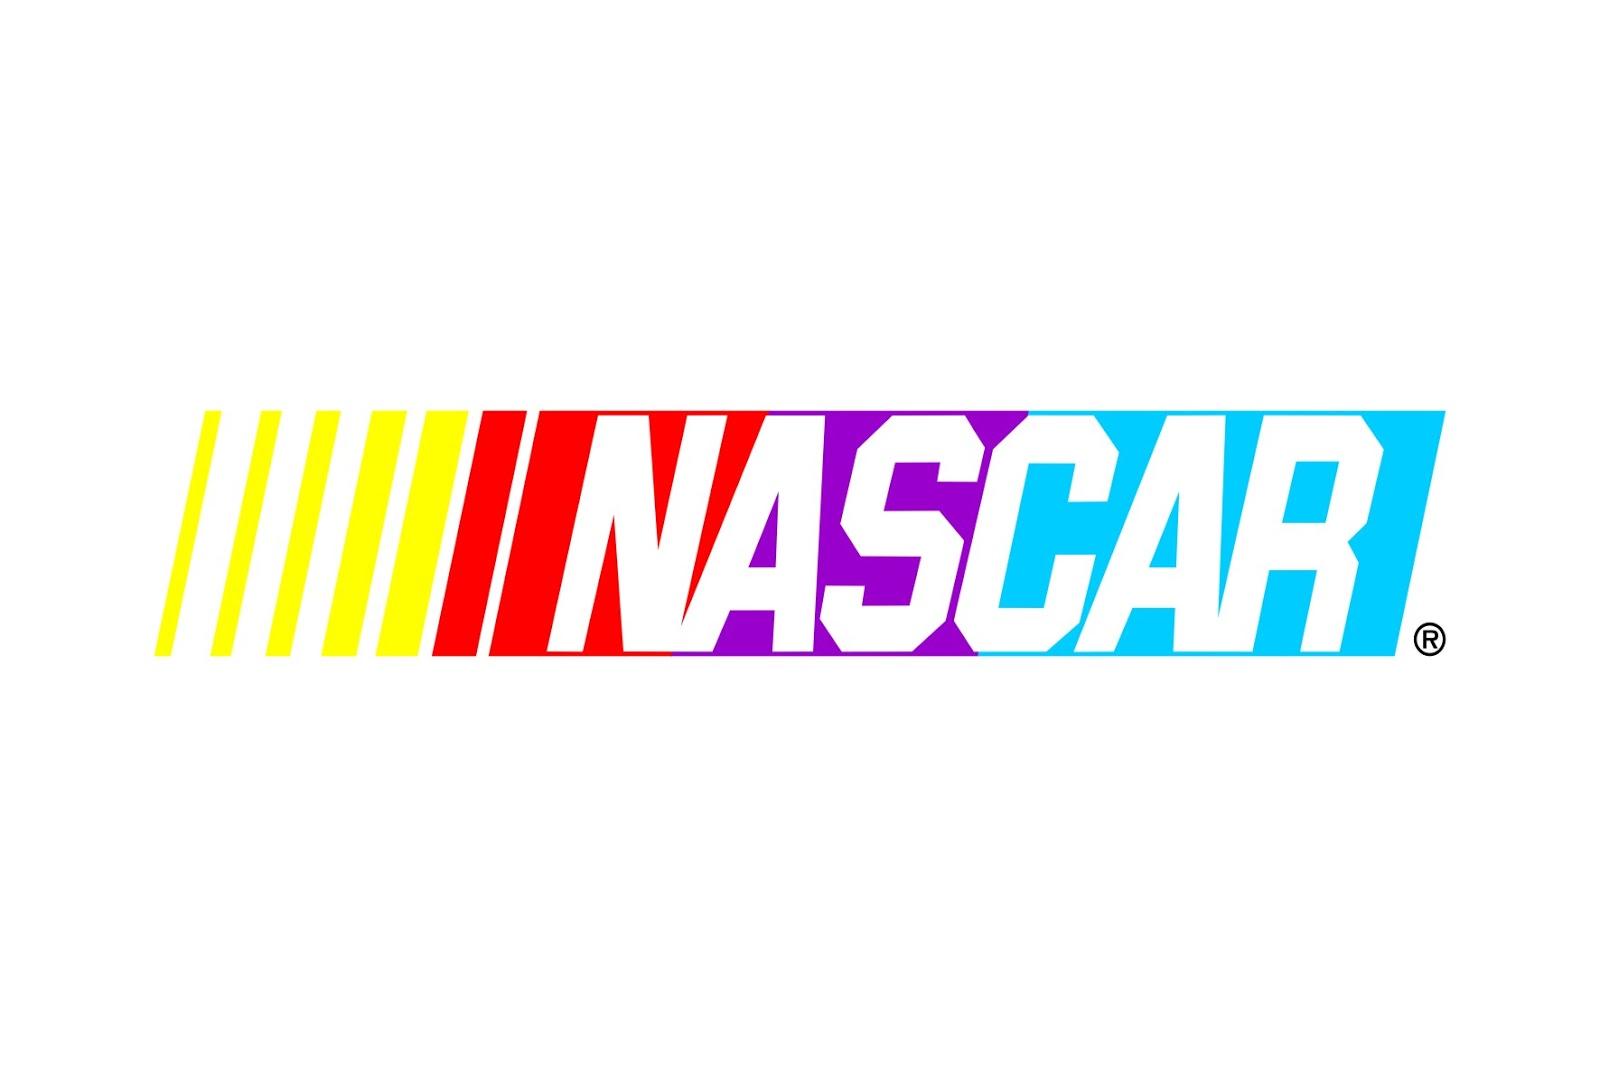 nascar logo rh logo share blogspot com nascar sprint logo vector nascar logo vector free